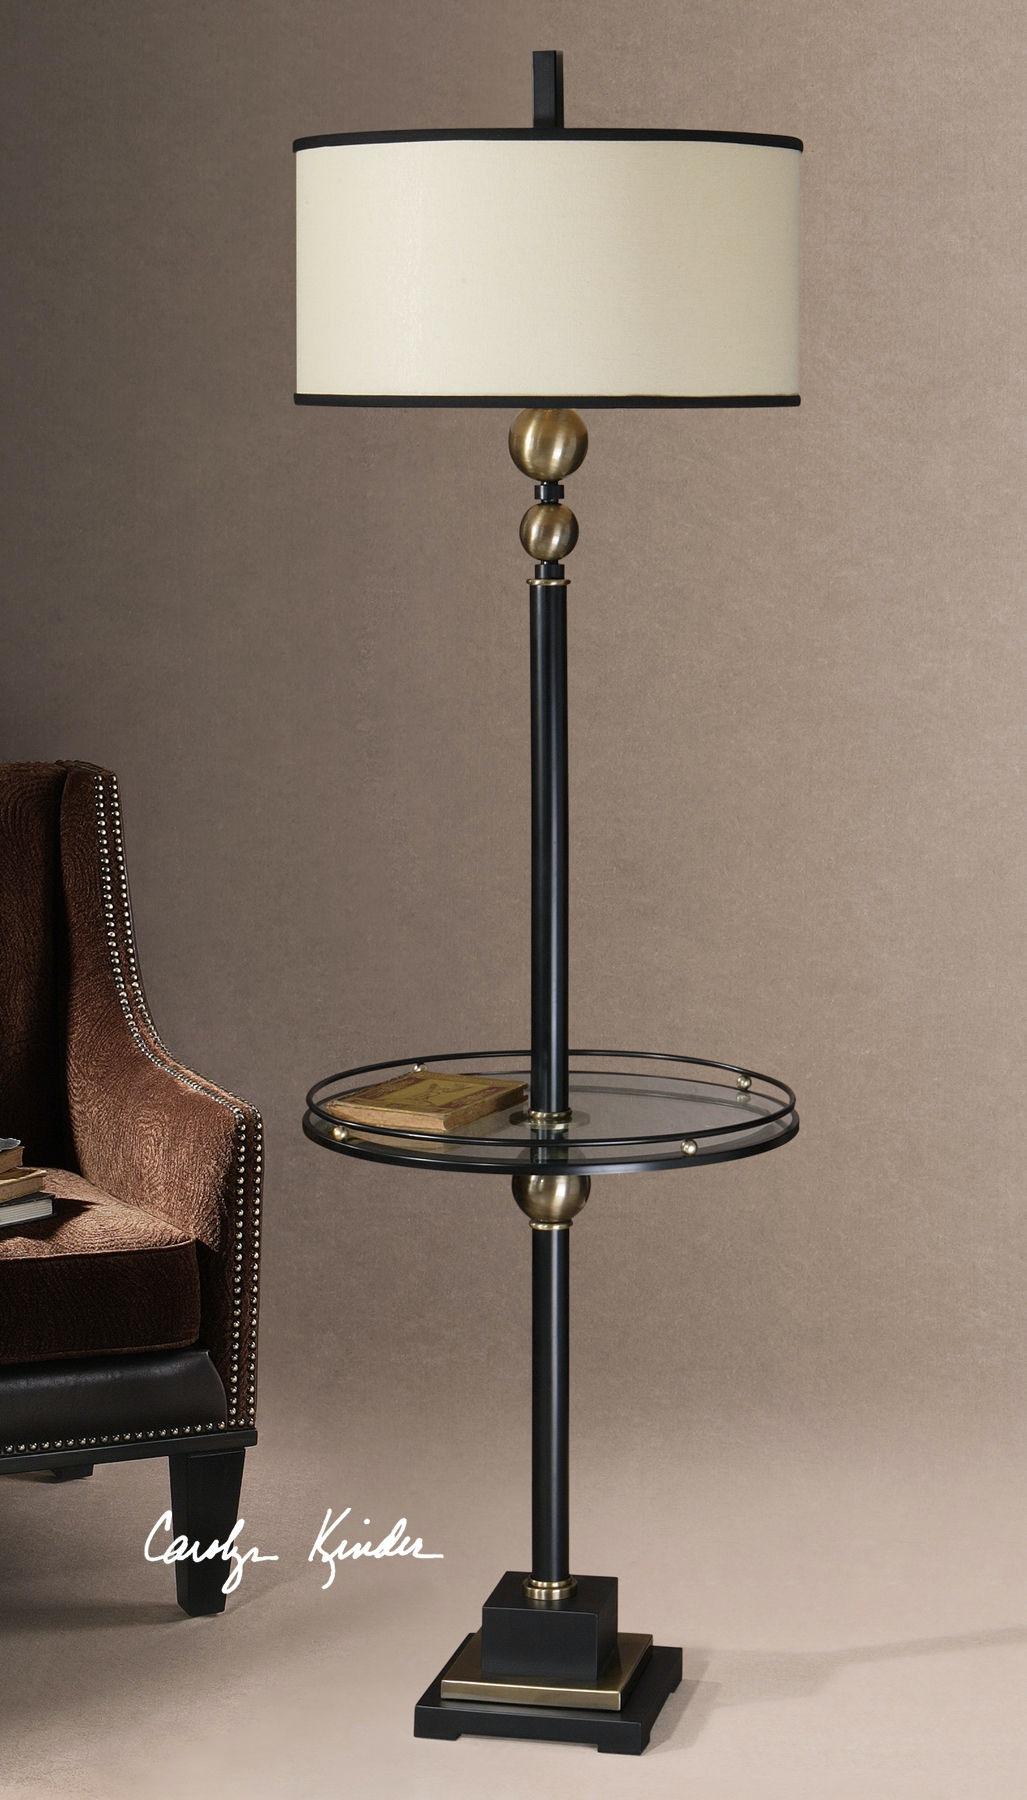 Attirant Uttermost Revolution End Table Floor Lamp UT285711 From Walter E. Smithe  Furniture + Design